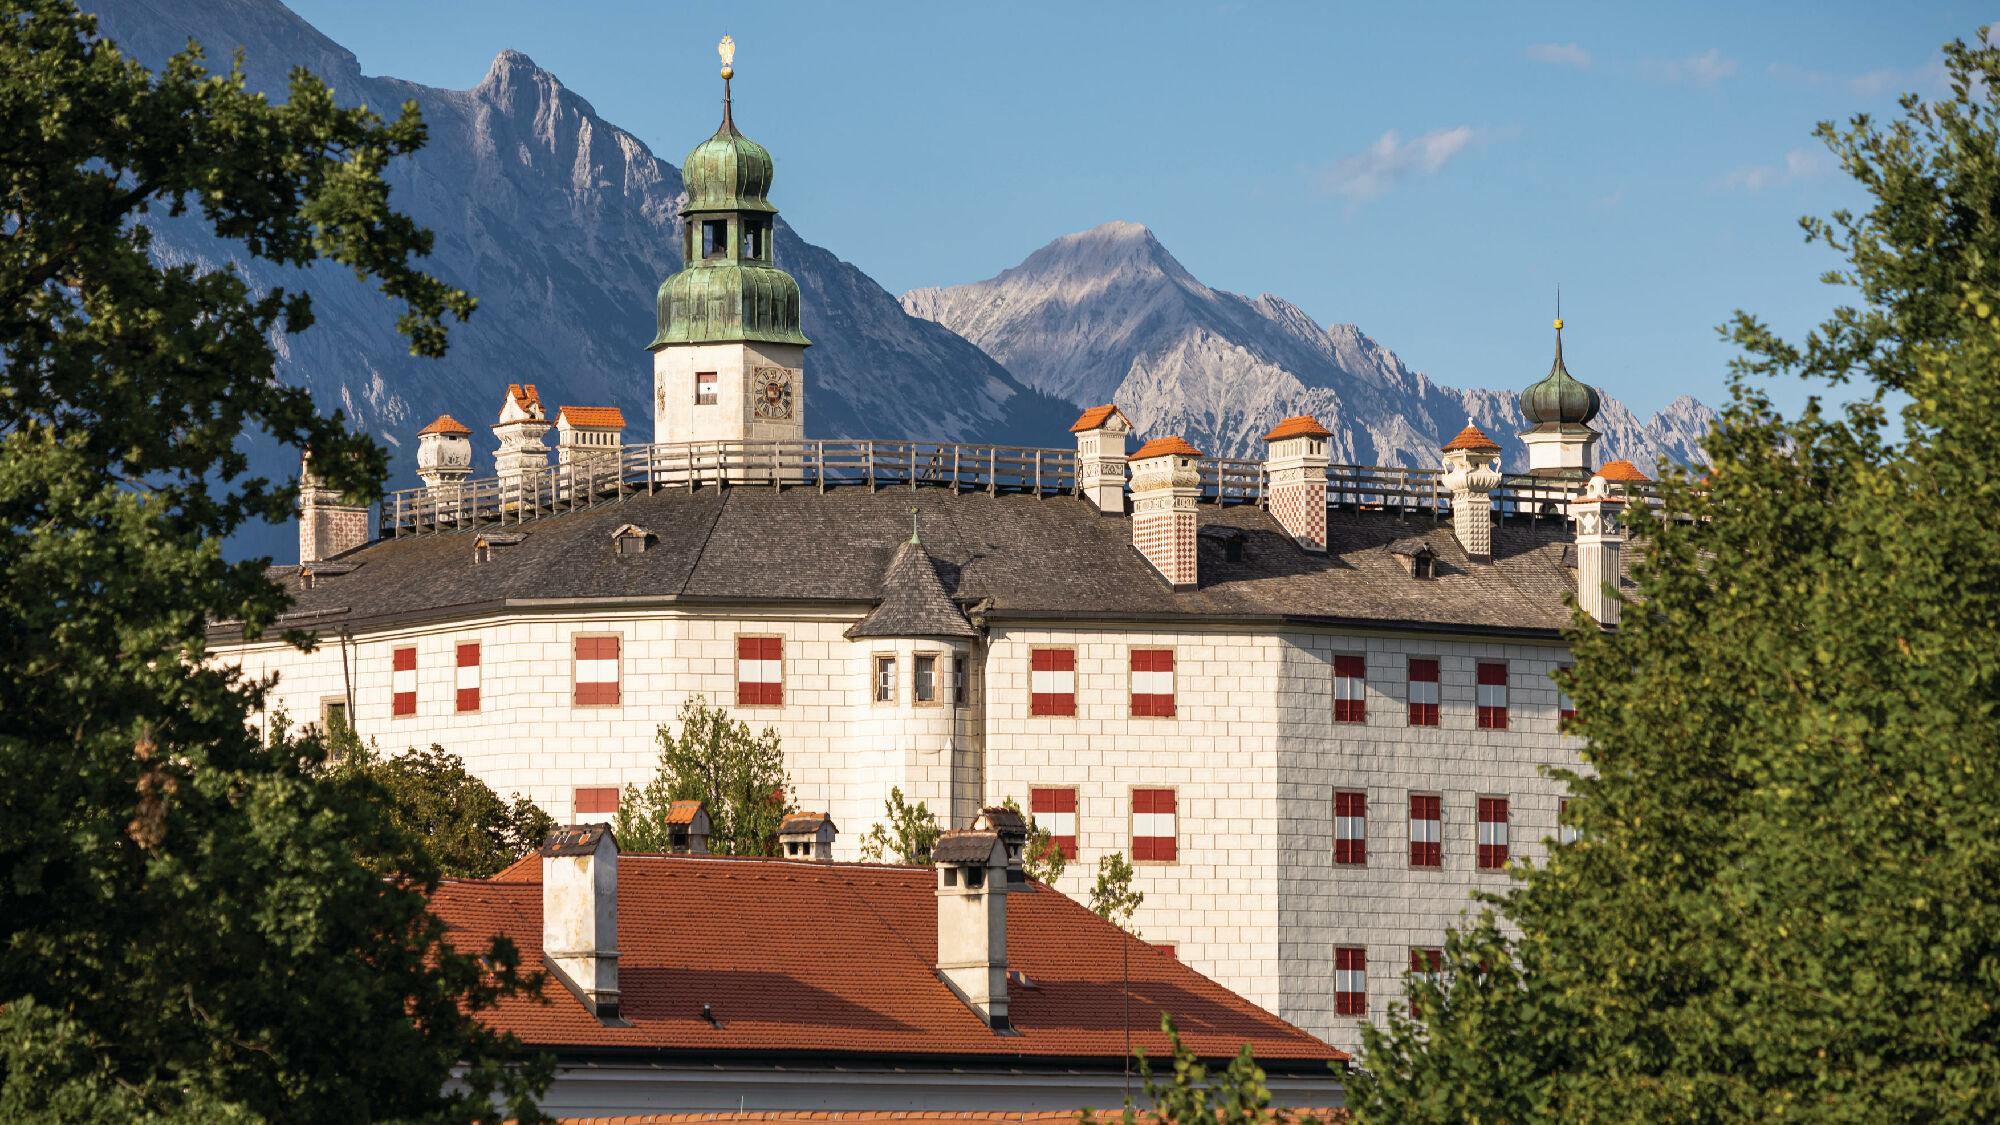 Das Schloss Ambras in Innsbruck